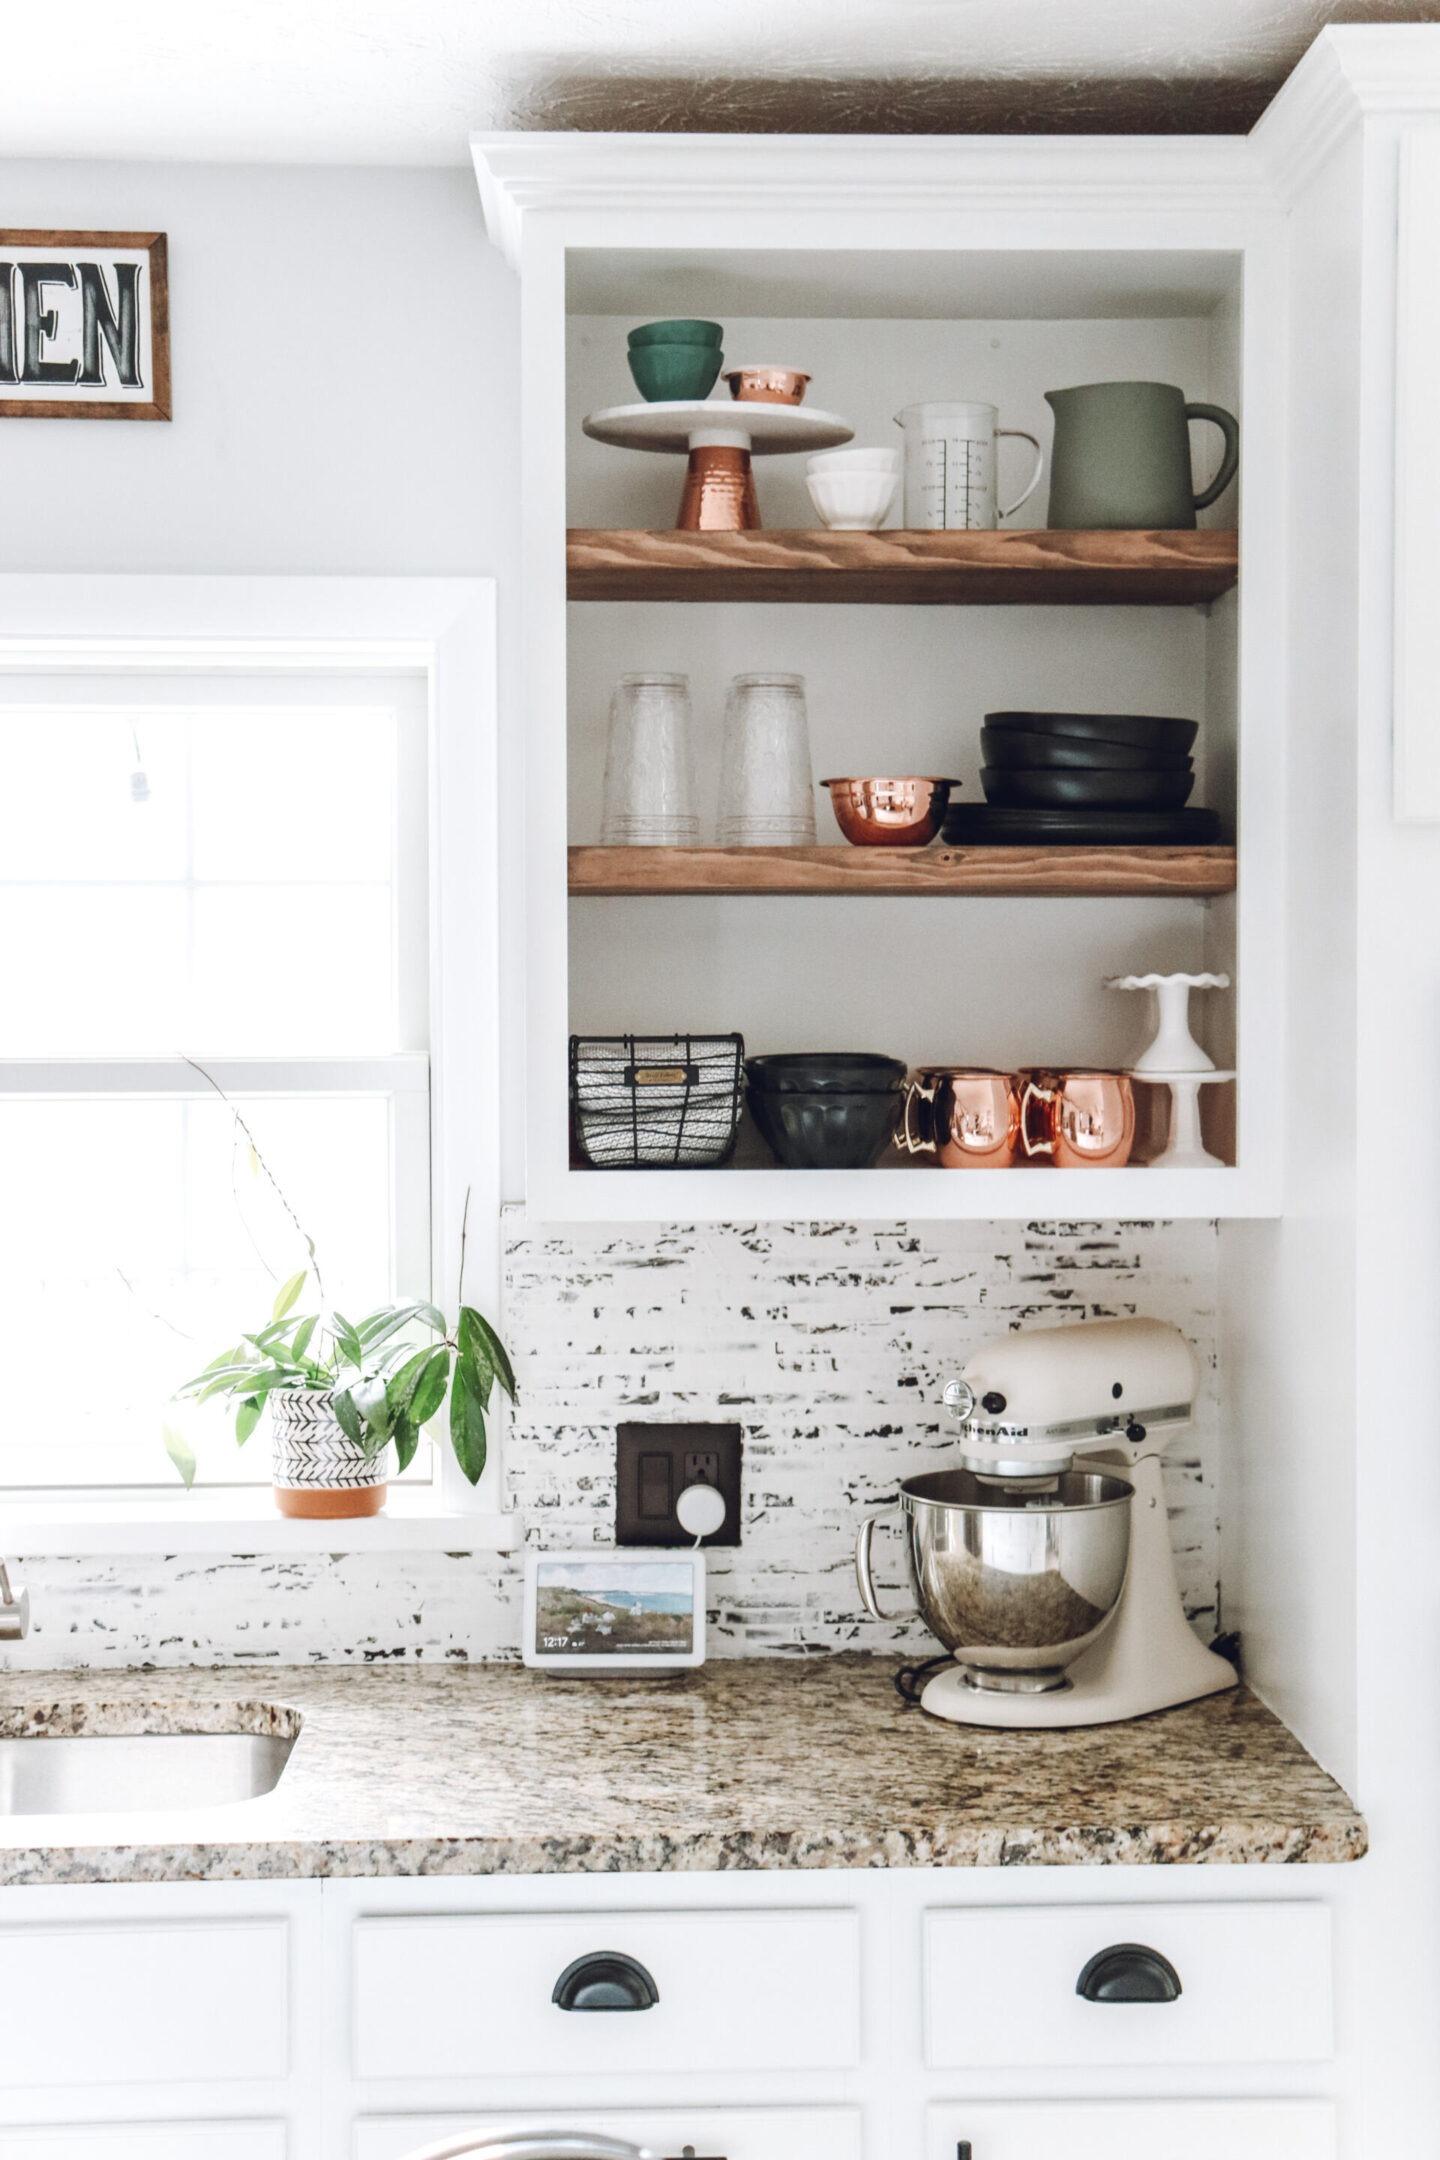 kitchen shelf Kitchen Backsplash & Shelf Project